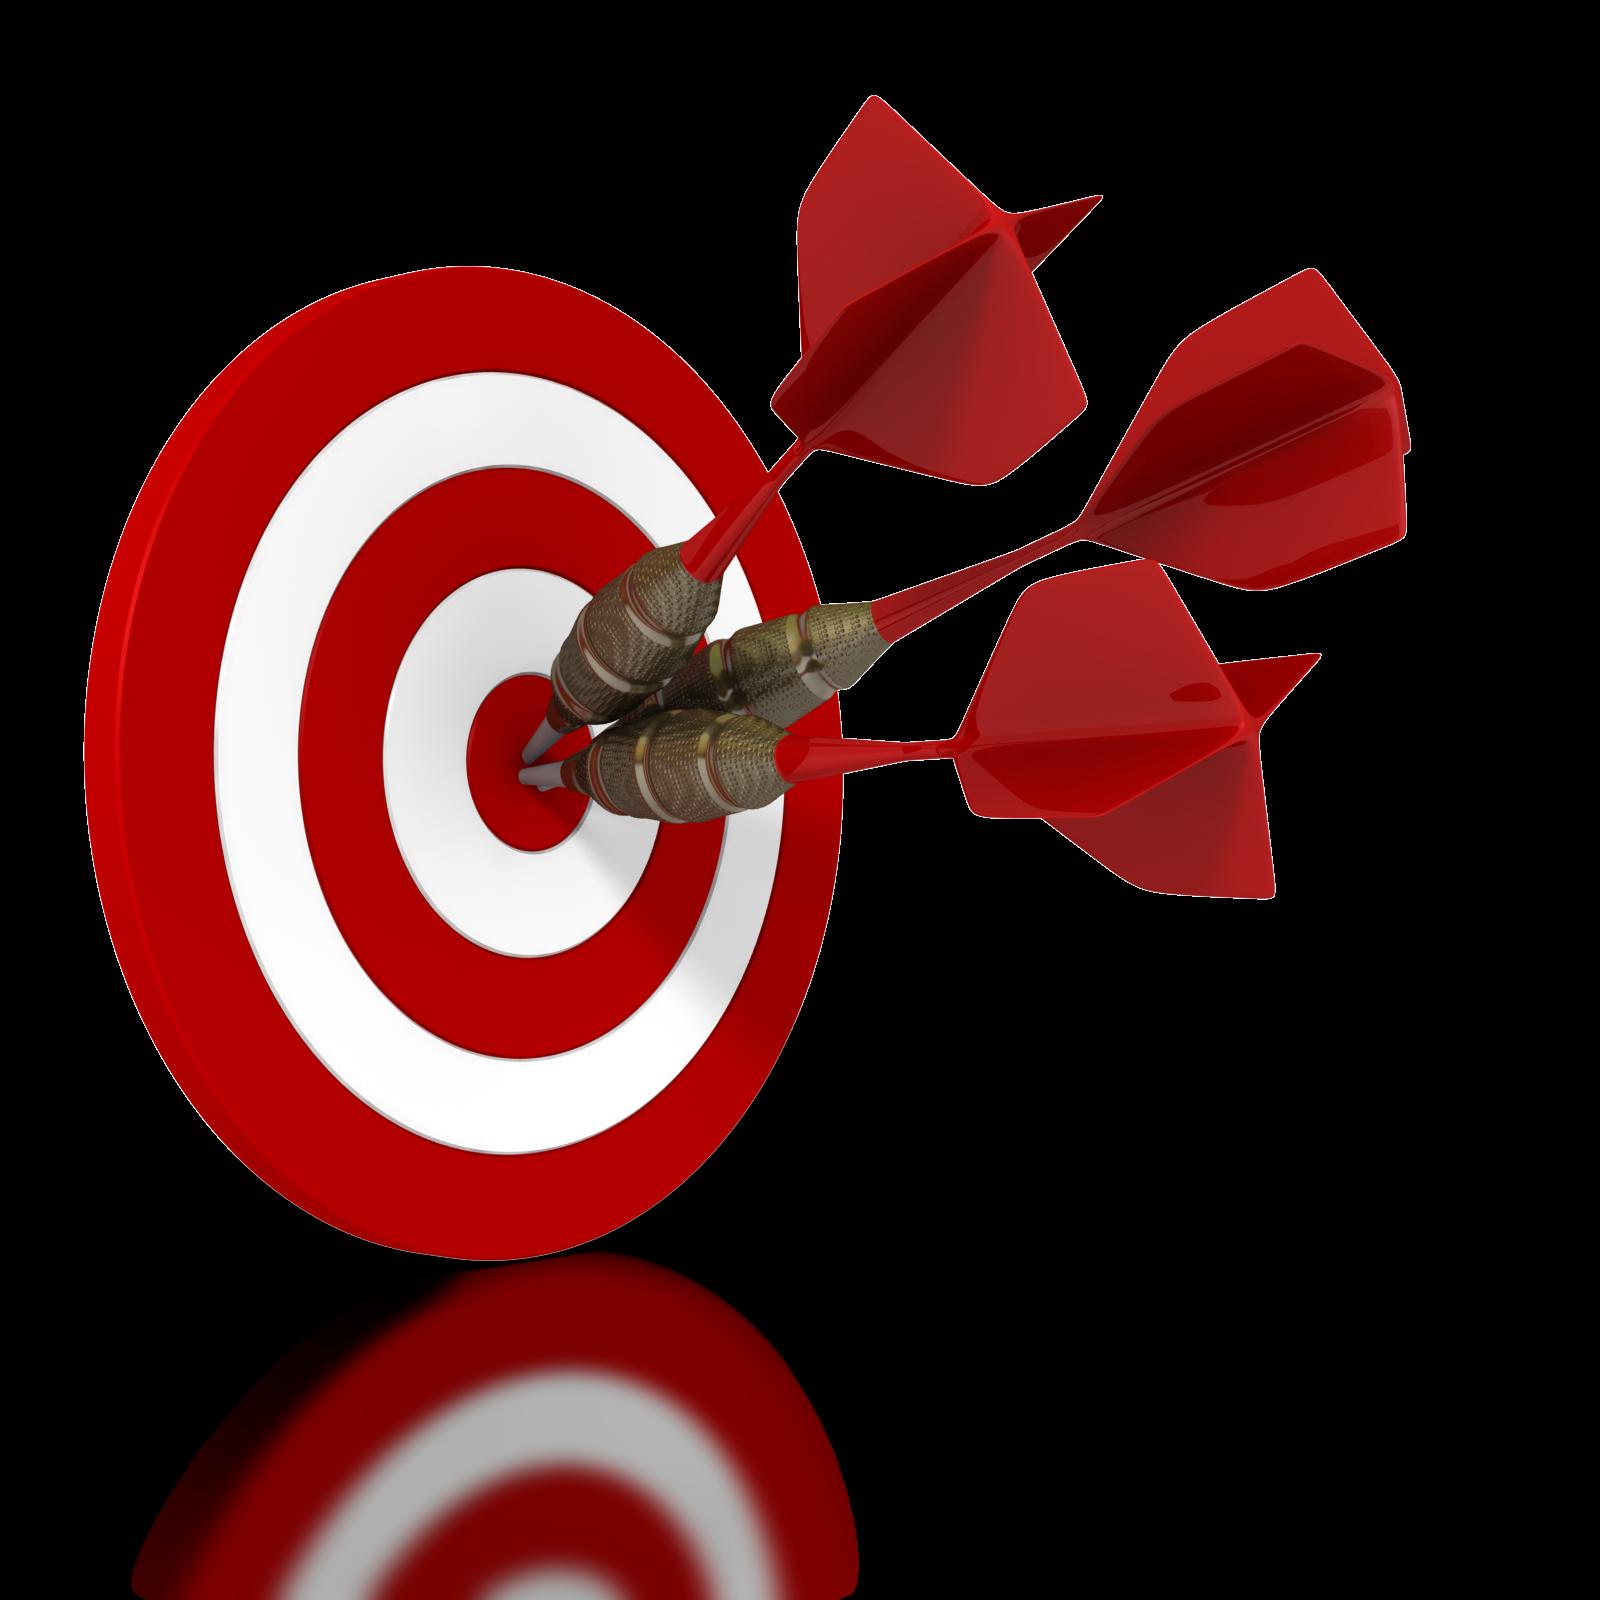 Bullseye clipart target learning. Clip art free image